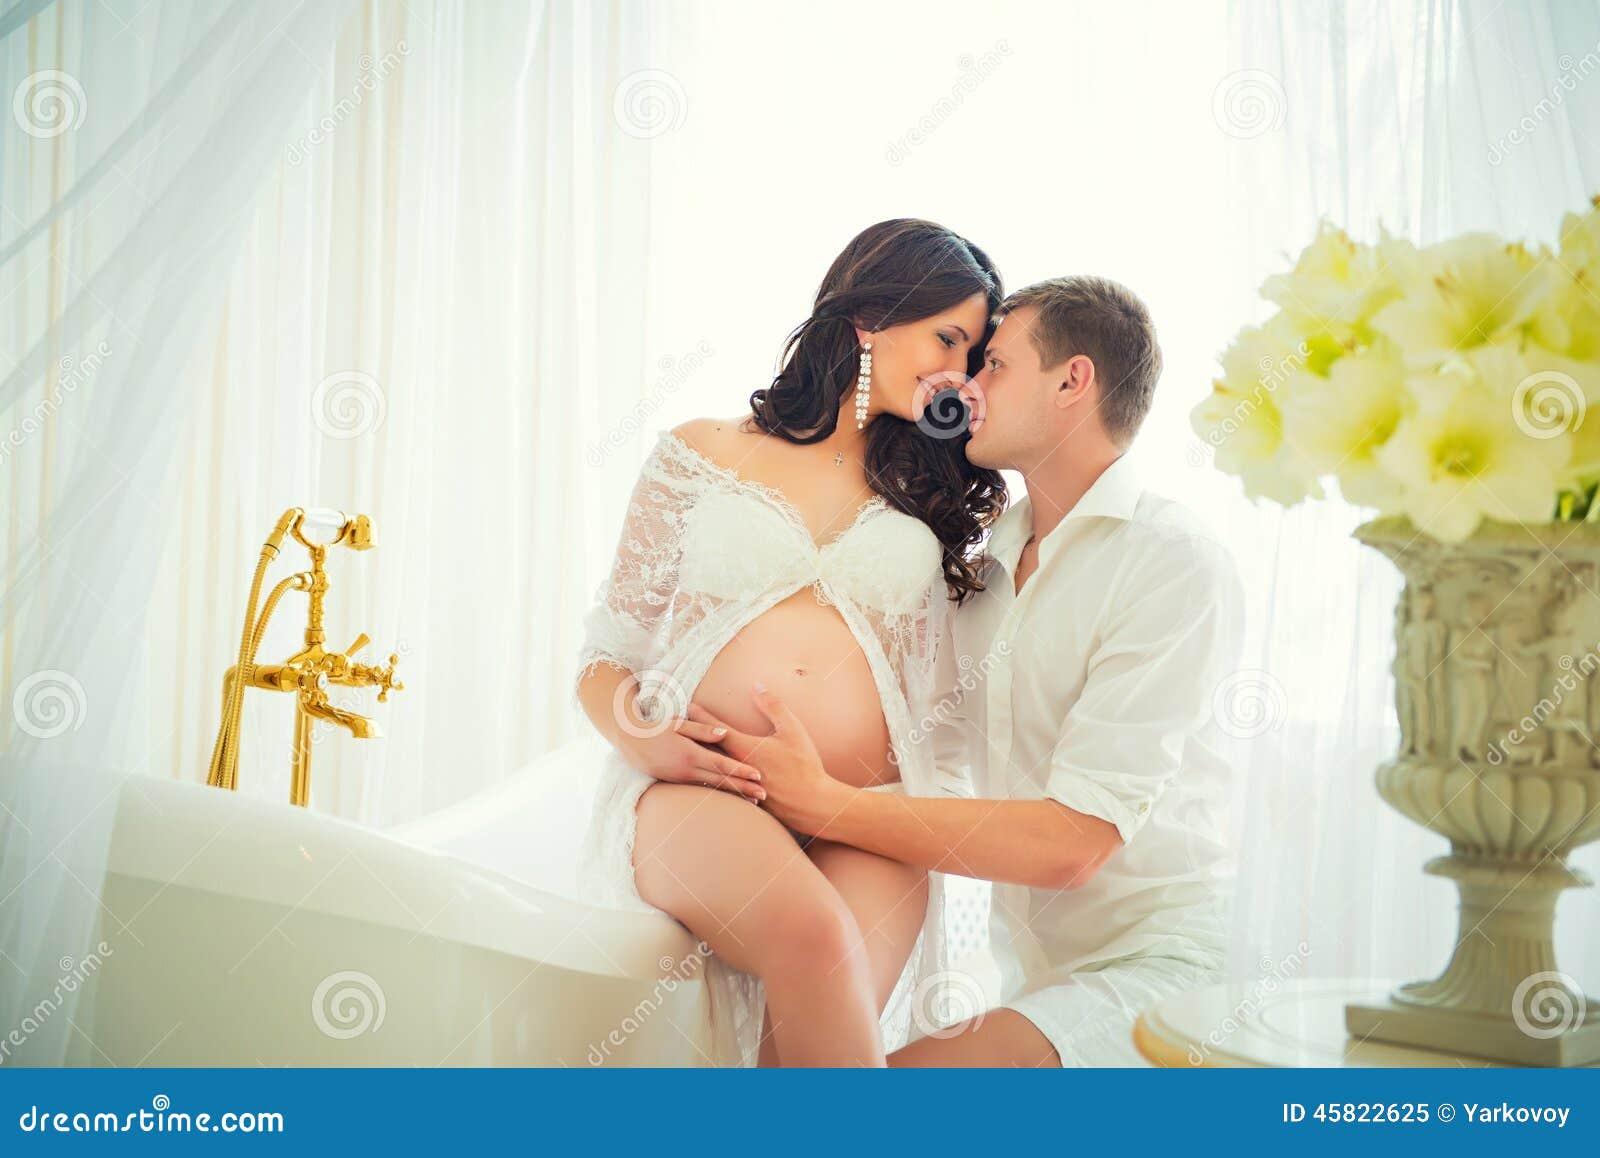 Фото беременной пары в студии